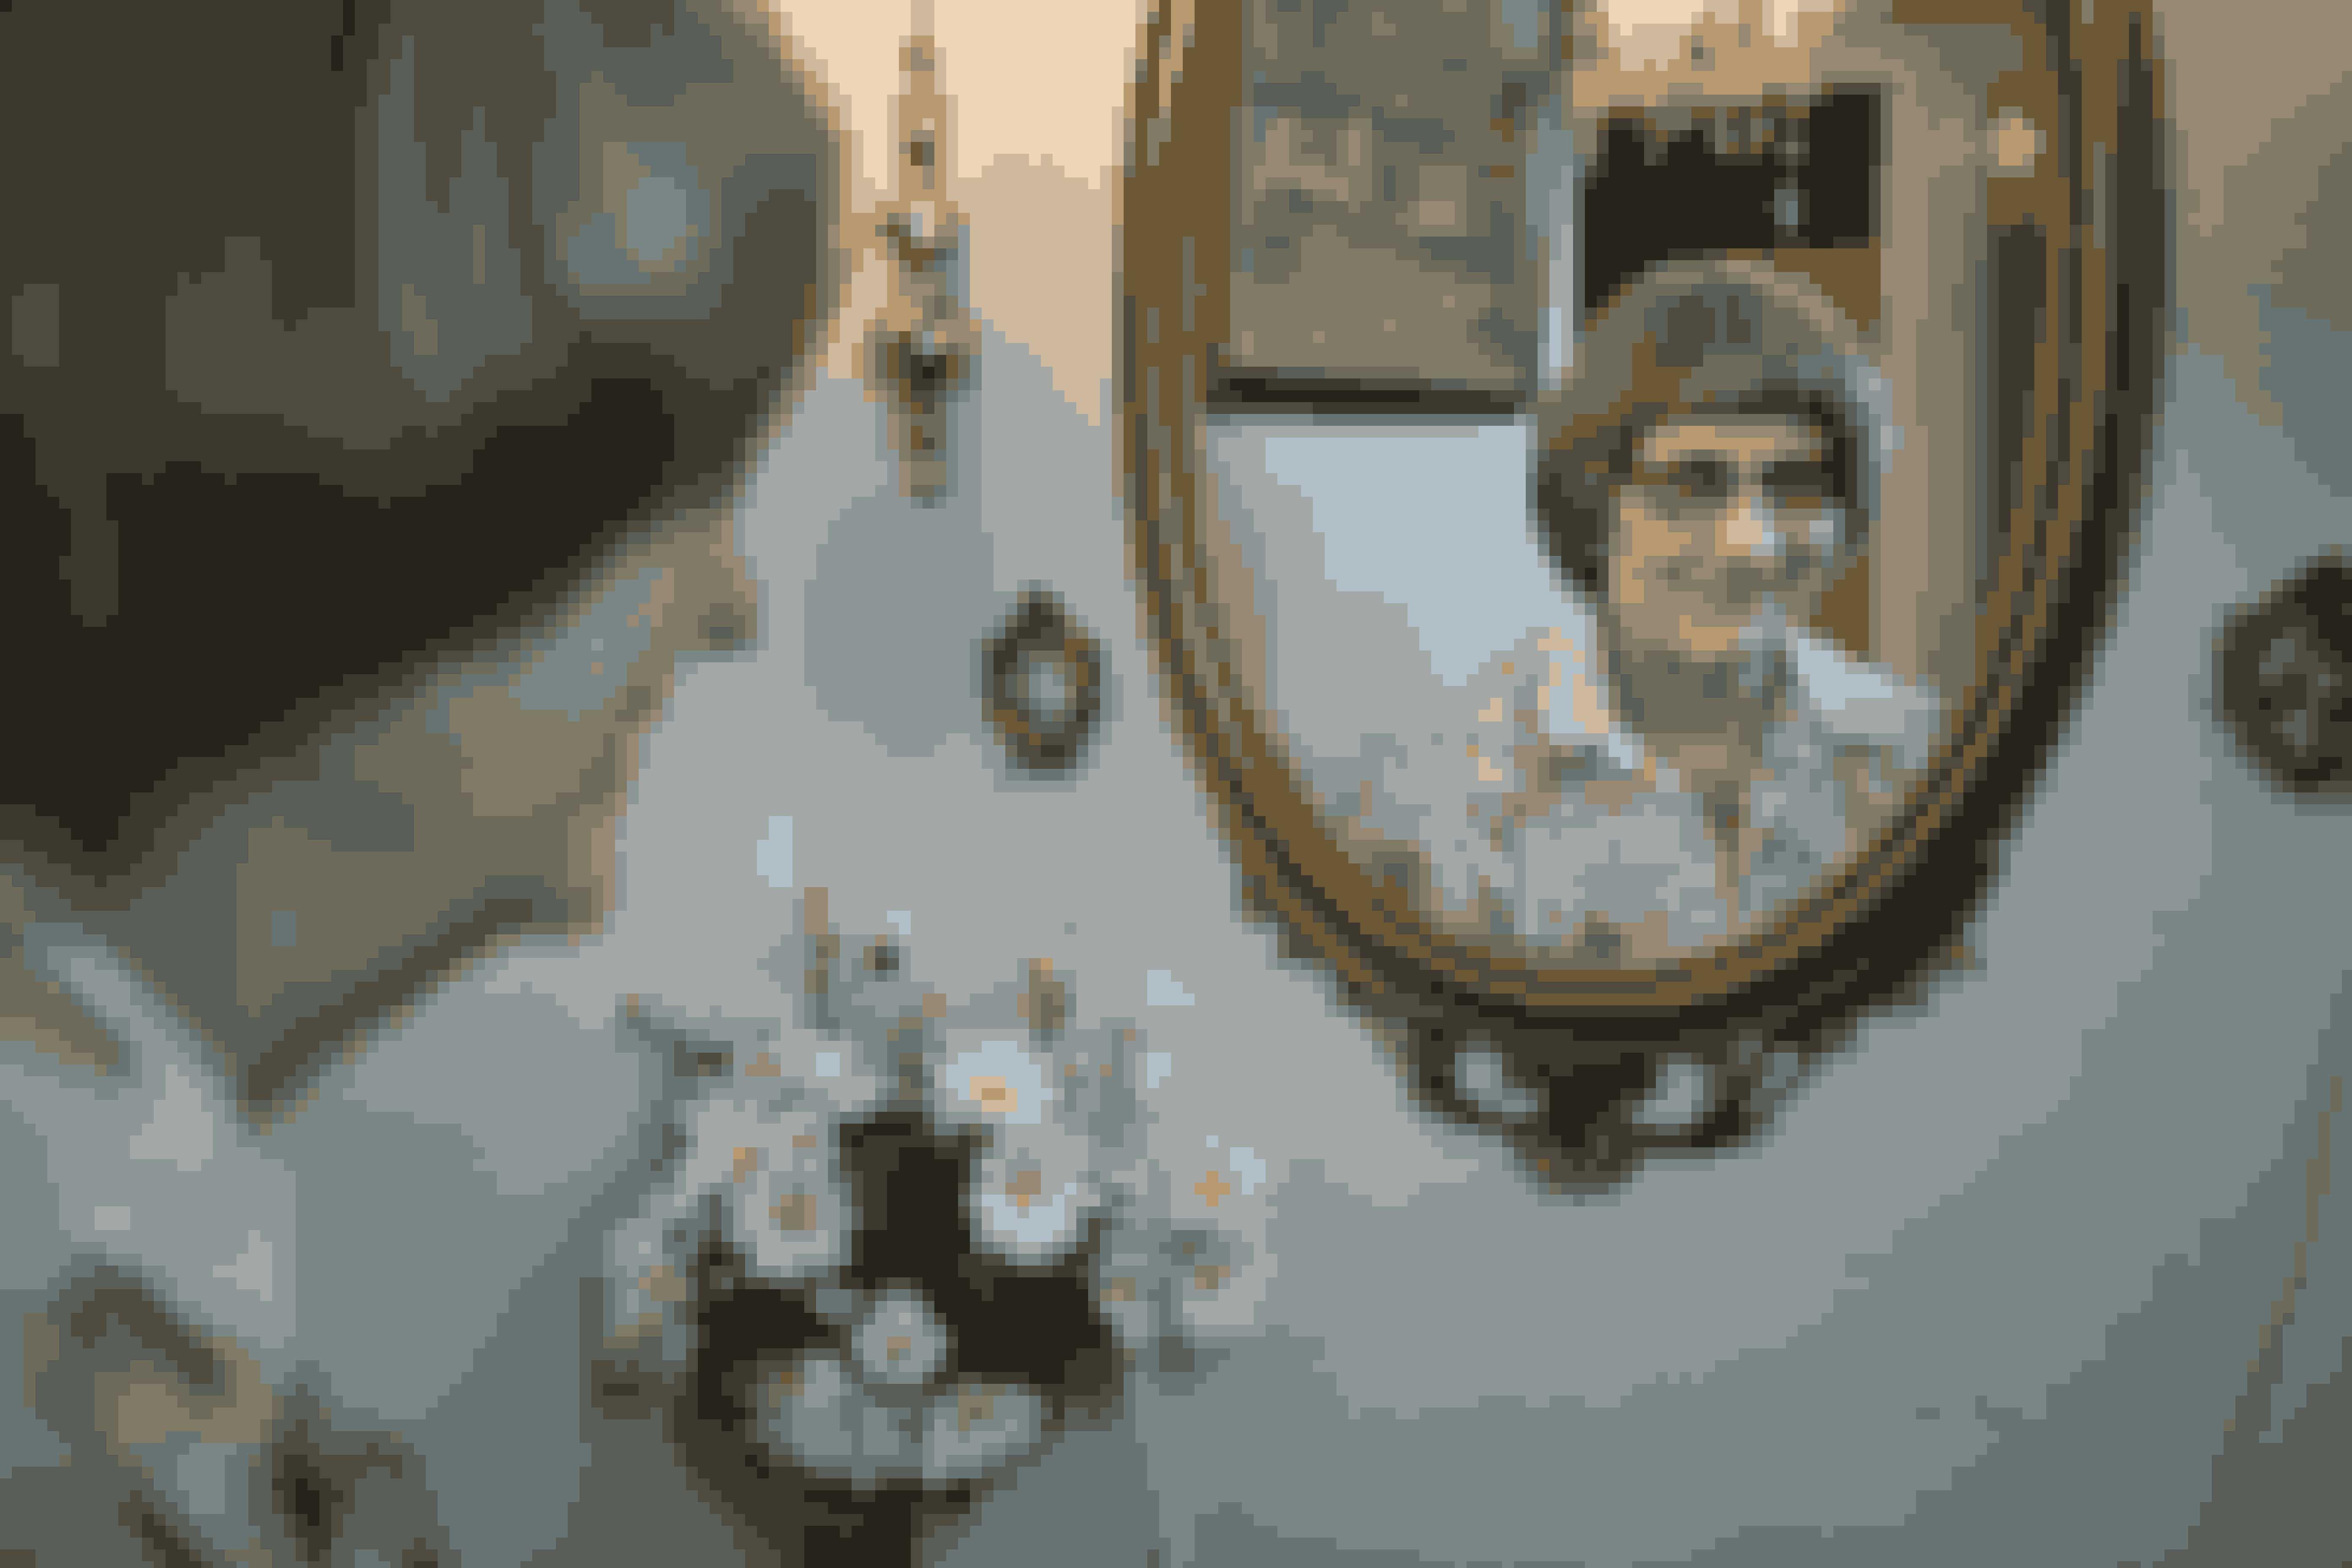 Lille spejl på væggen der. Jytte var mildt sagt overrasket, da hun så sig selv i spejlet efter 47 år som blind.